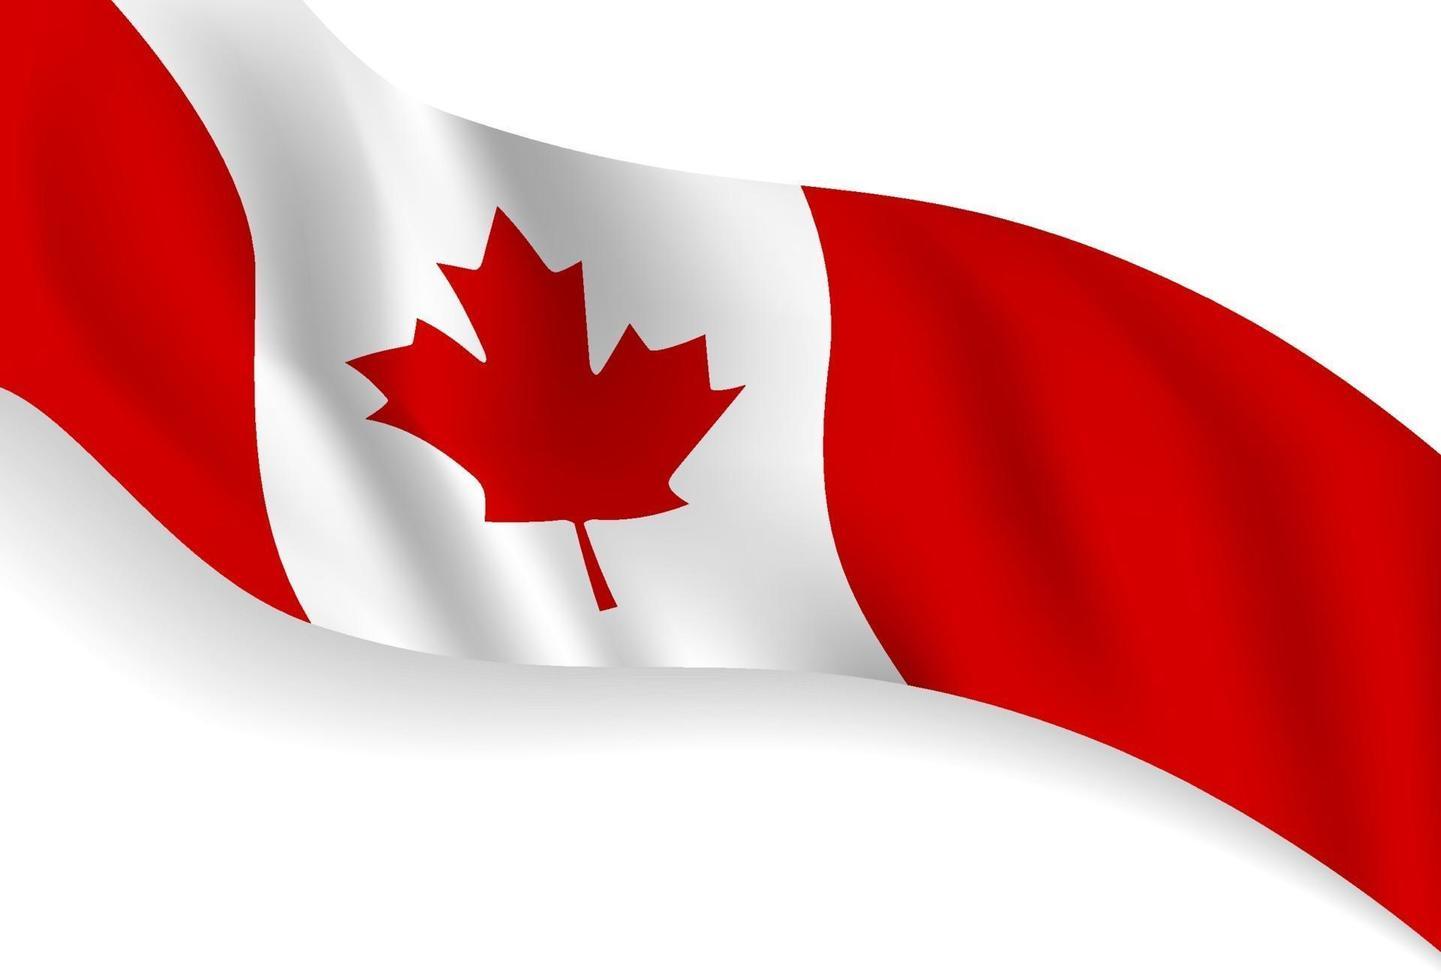 conception de fond de bannière de fête du canada du drapeau avec illustration vectorielle de copie espace vecteur